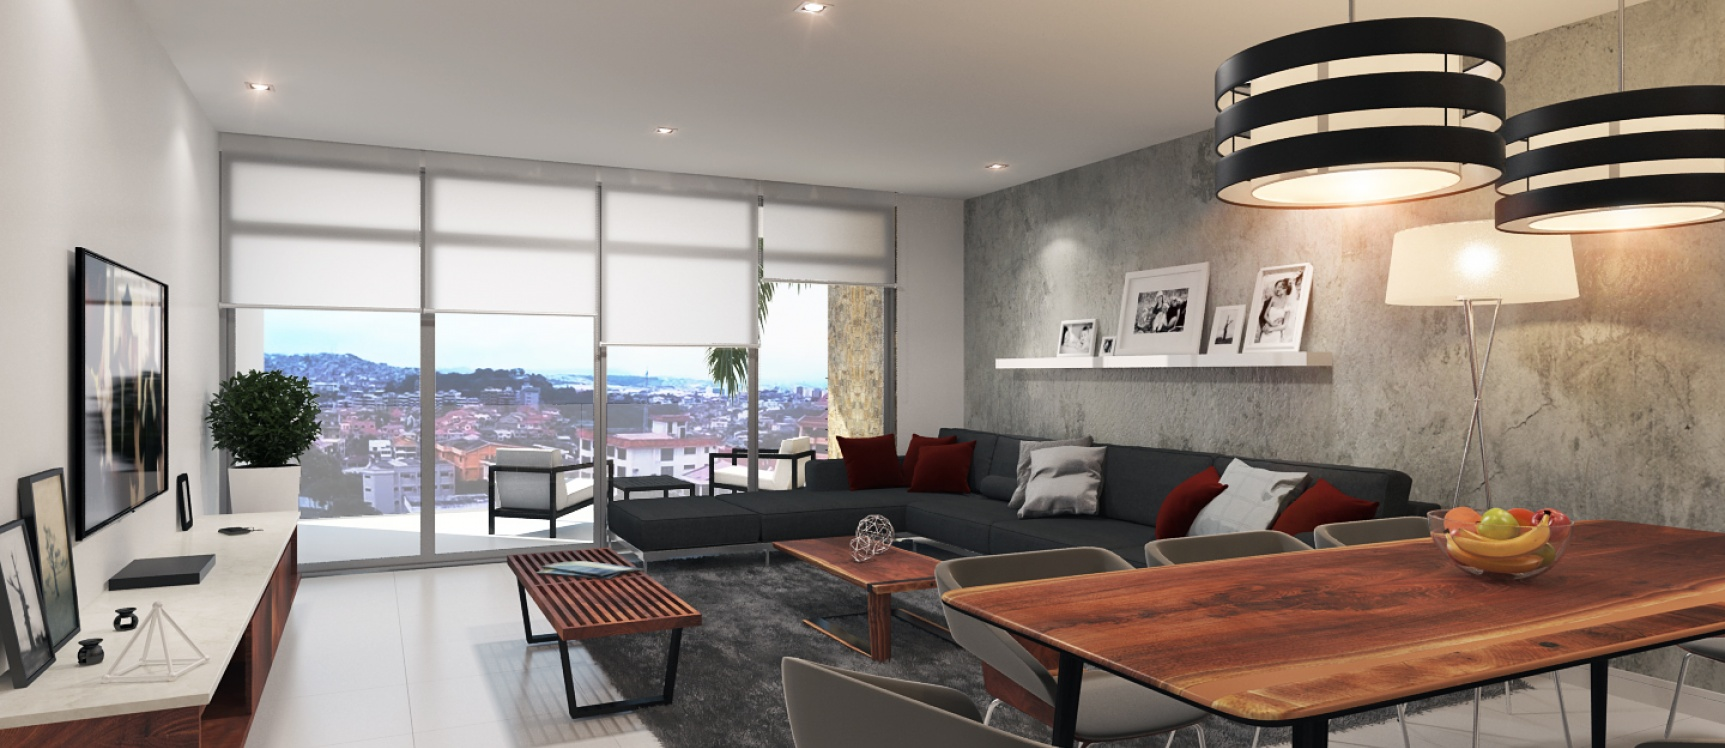 GeoBienes - Apartamento en venta en El Portón de Urdesa Piso 2 - Plusvalia Guayaquil Casas de venta y alquiler Inmobiliaria Ecuador